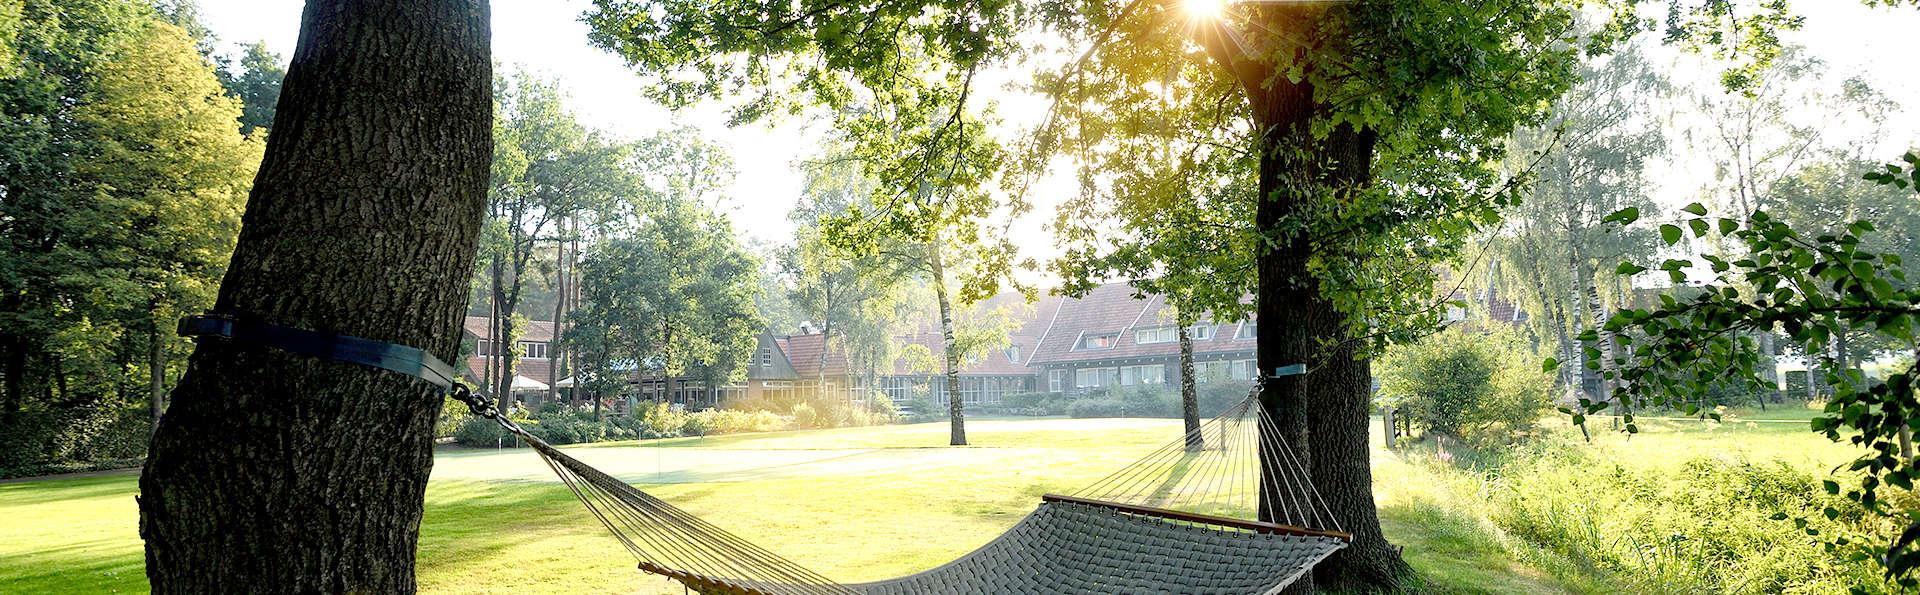 Paix dans un manoir dans la province d'Overijssel (à partir de 2 nuits)